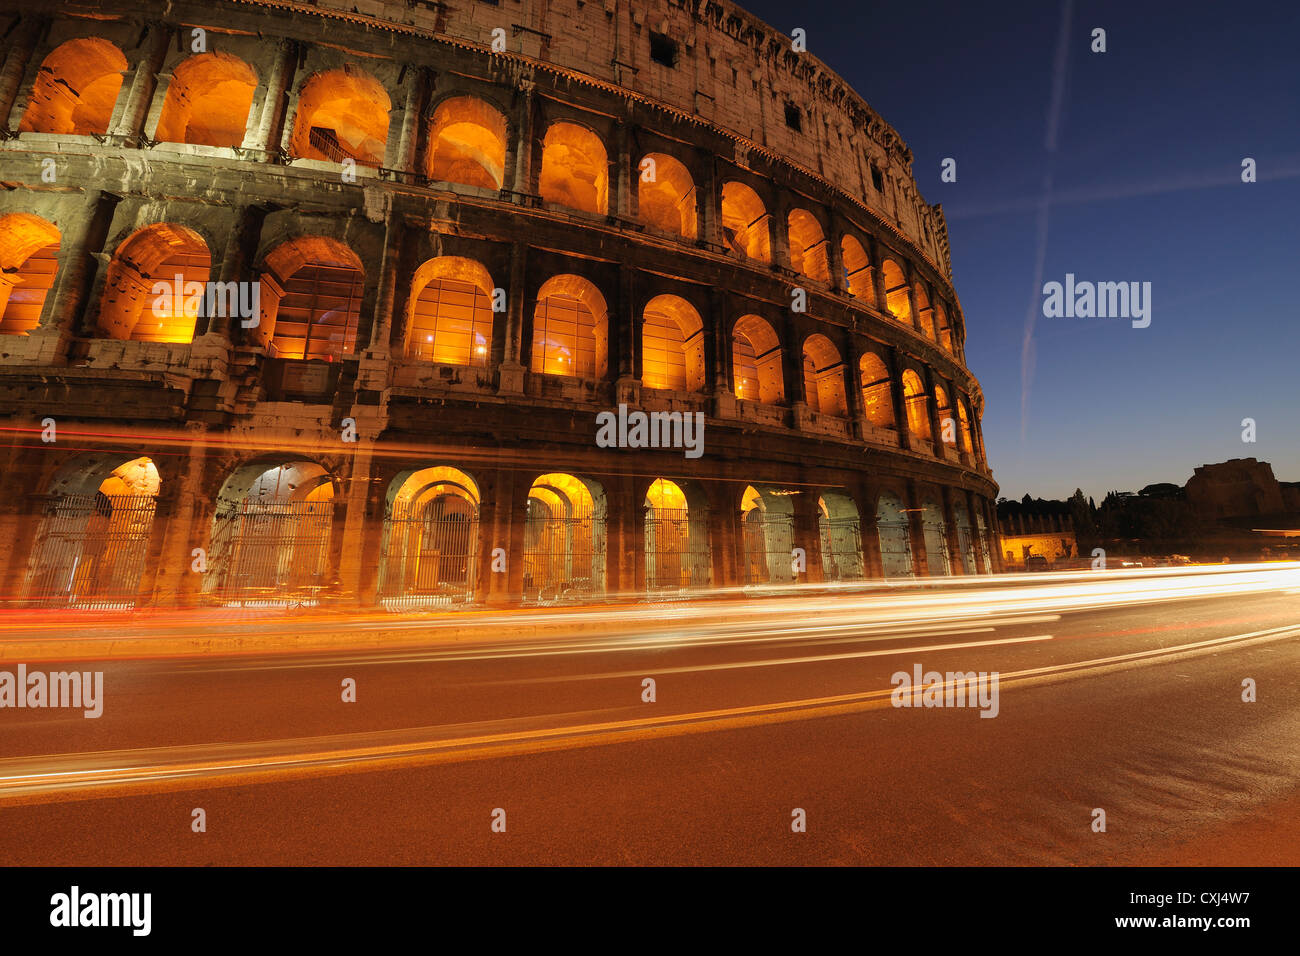 L'Europe, Italie, Rome, vue du Colisée dans la nuit Photo Stock